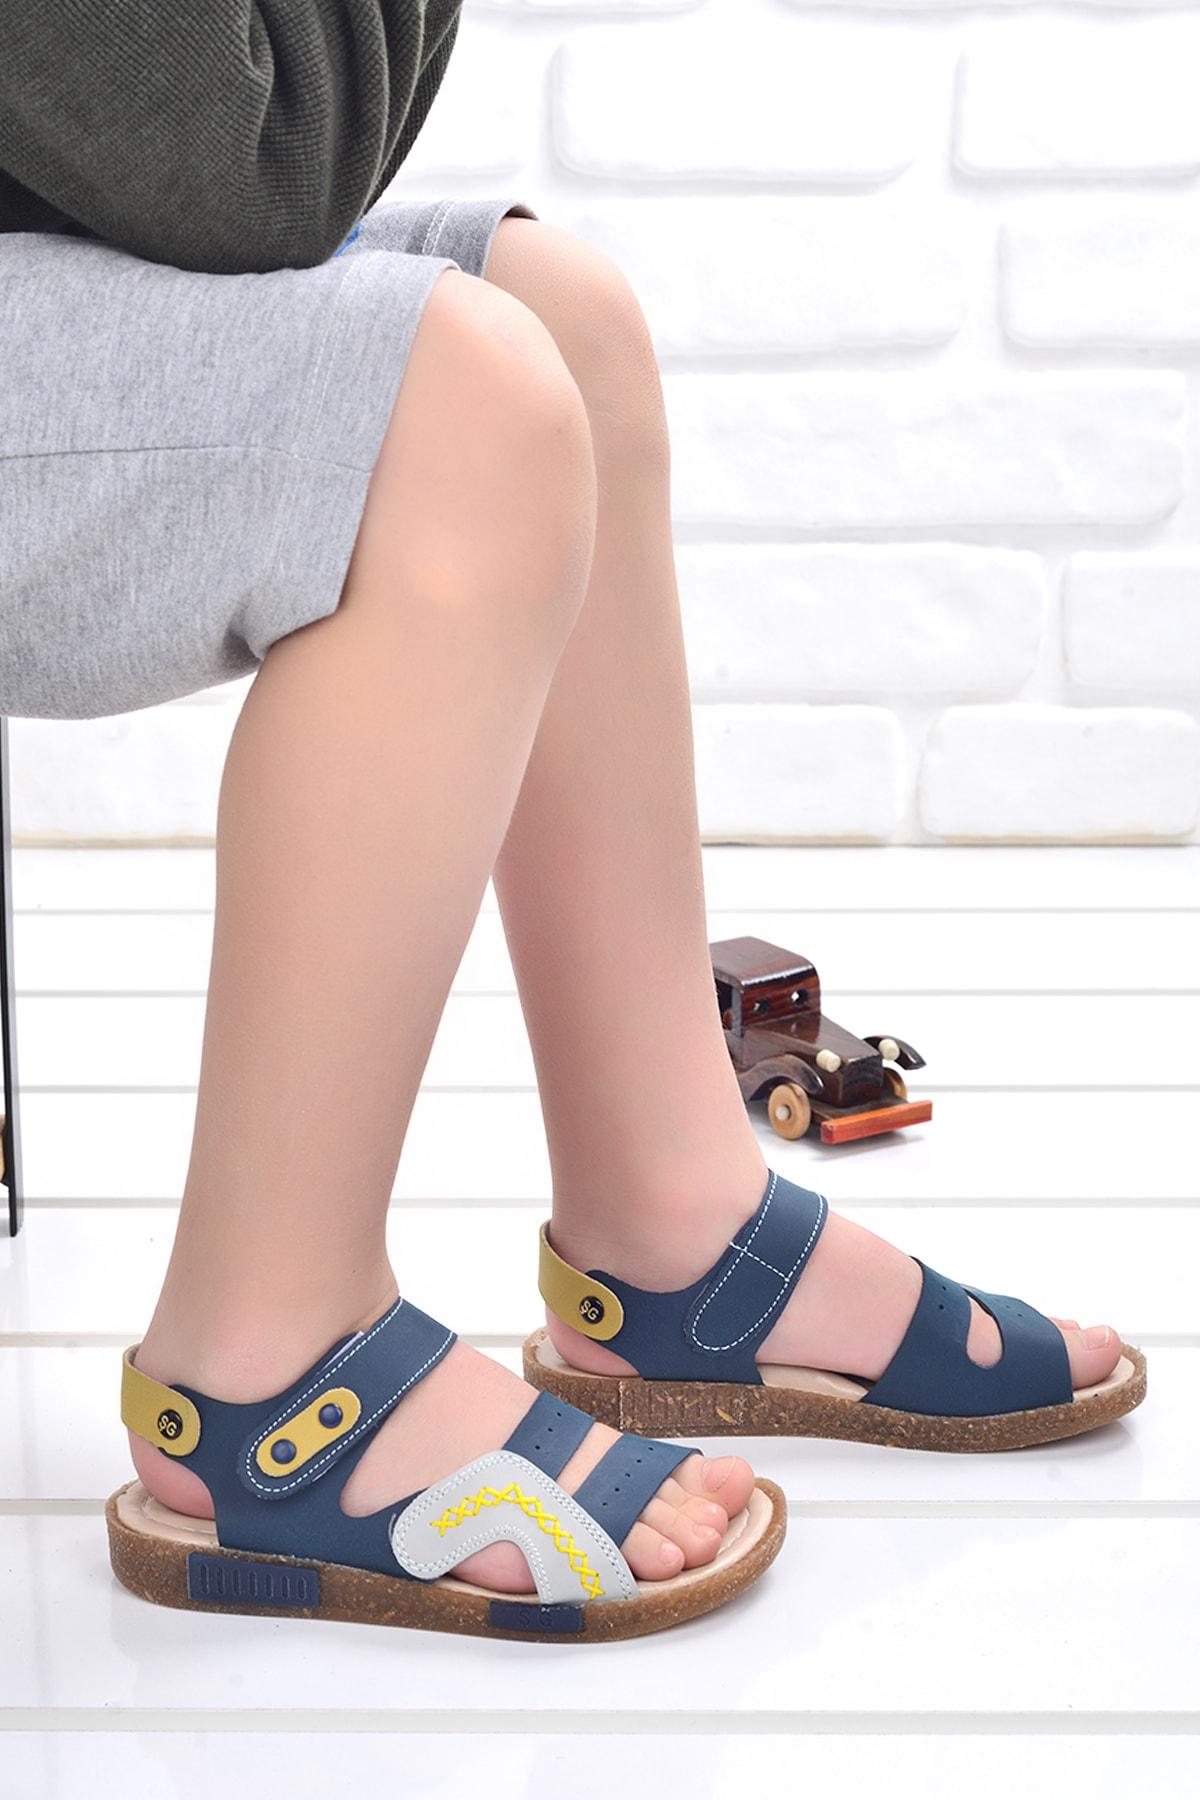 Kiko Şb 2498-07 Ortopedik Erkek Çocuk Sandalet Terlik